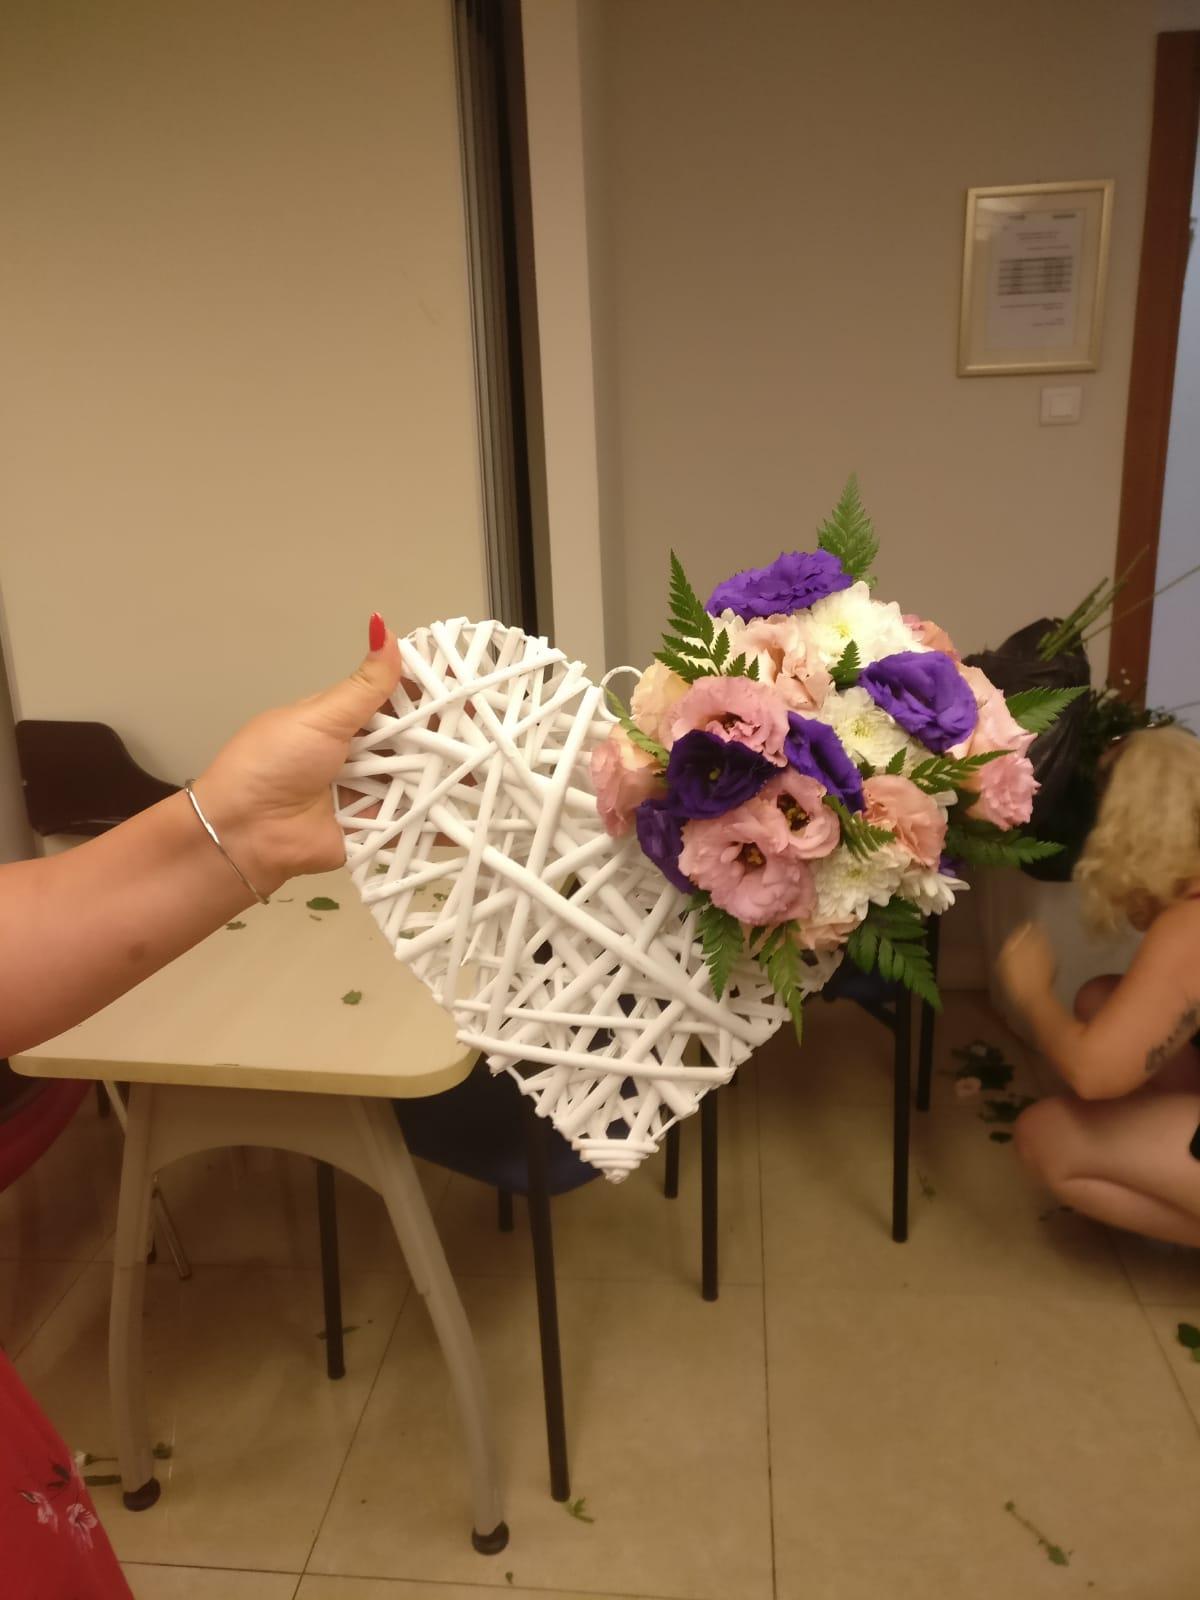 גלרייה - שיעור שזירת פרחים - קורס הפקת אירועים מחזור 23, 8 מתוך 32